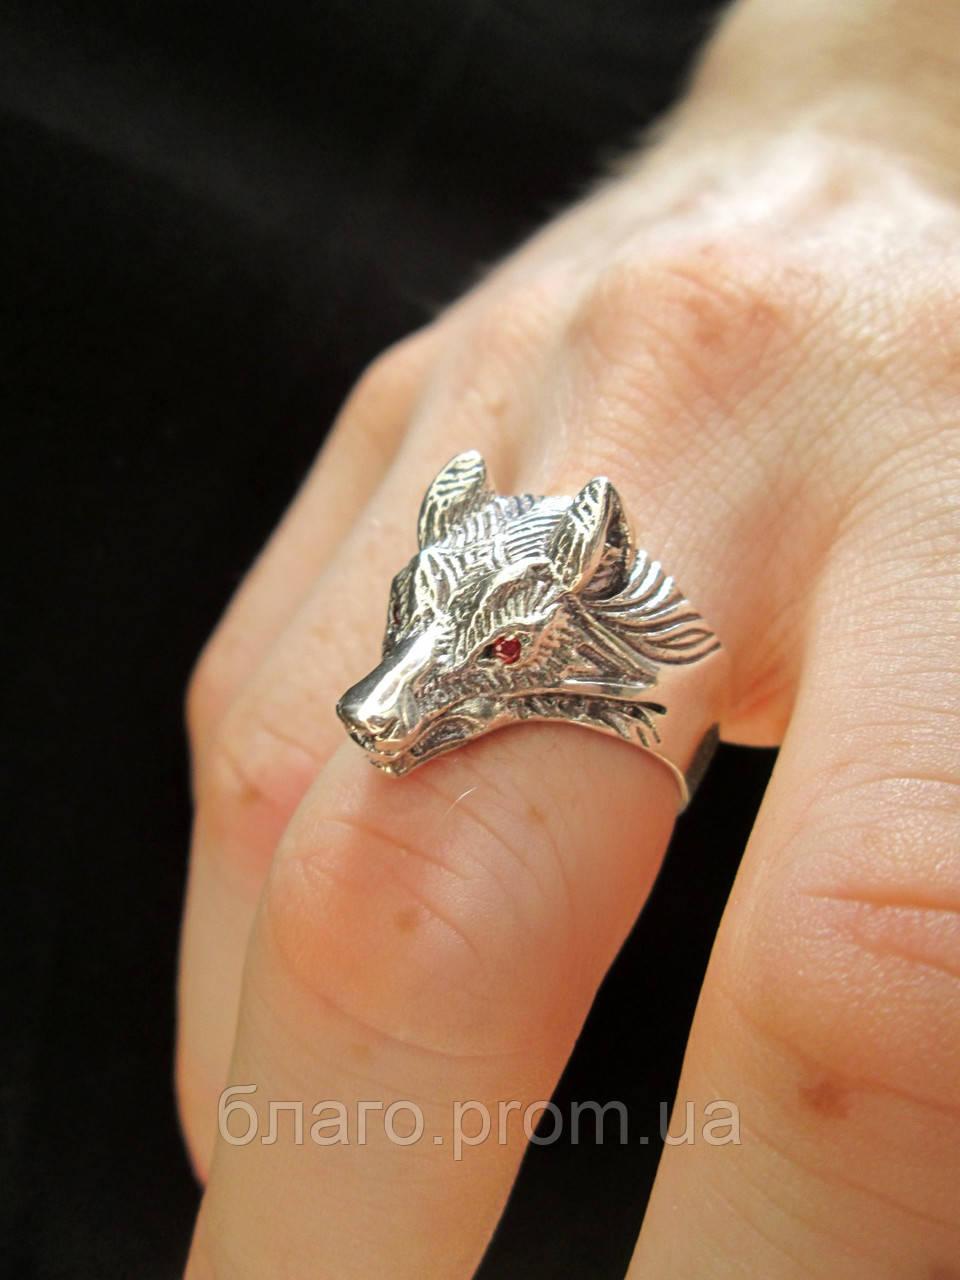 Серебряный перстень Волк.